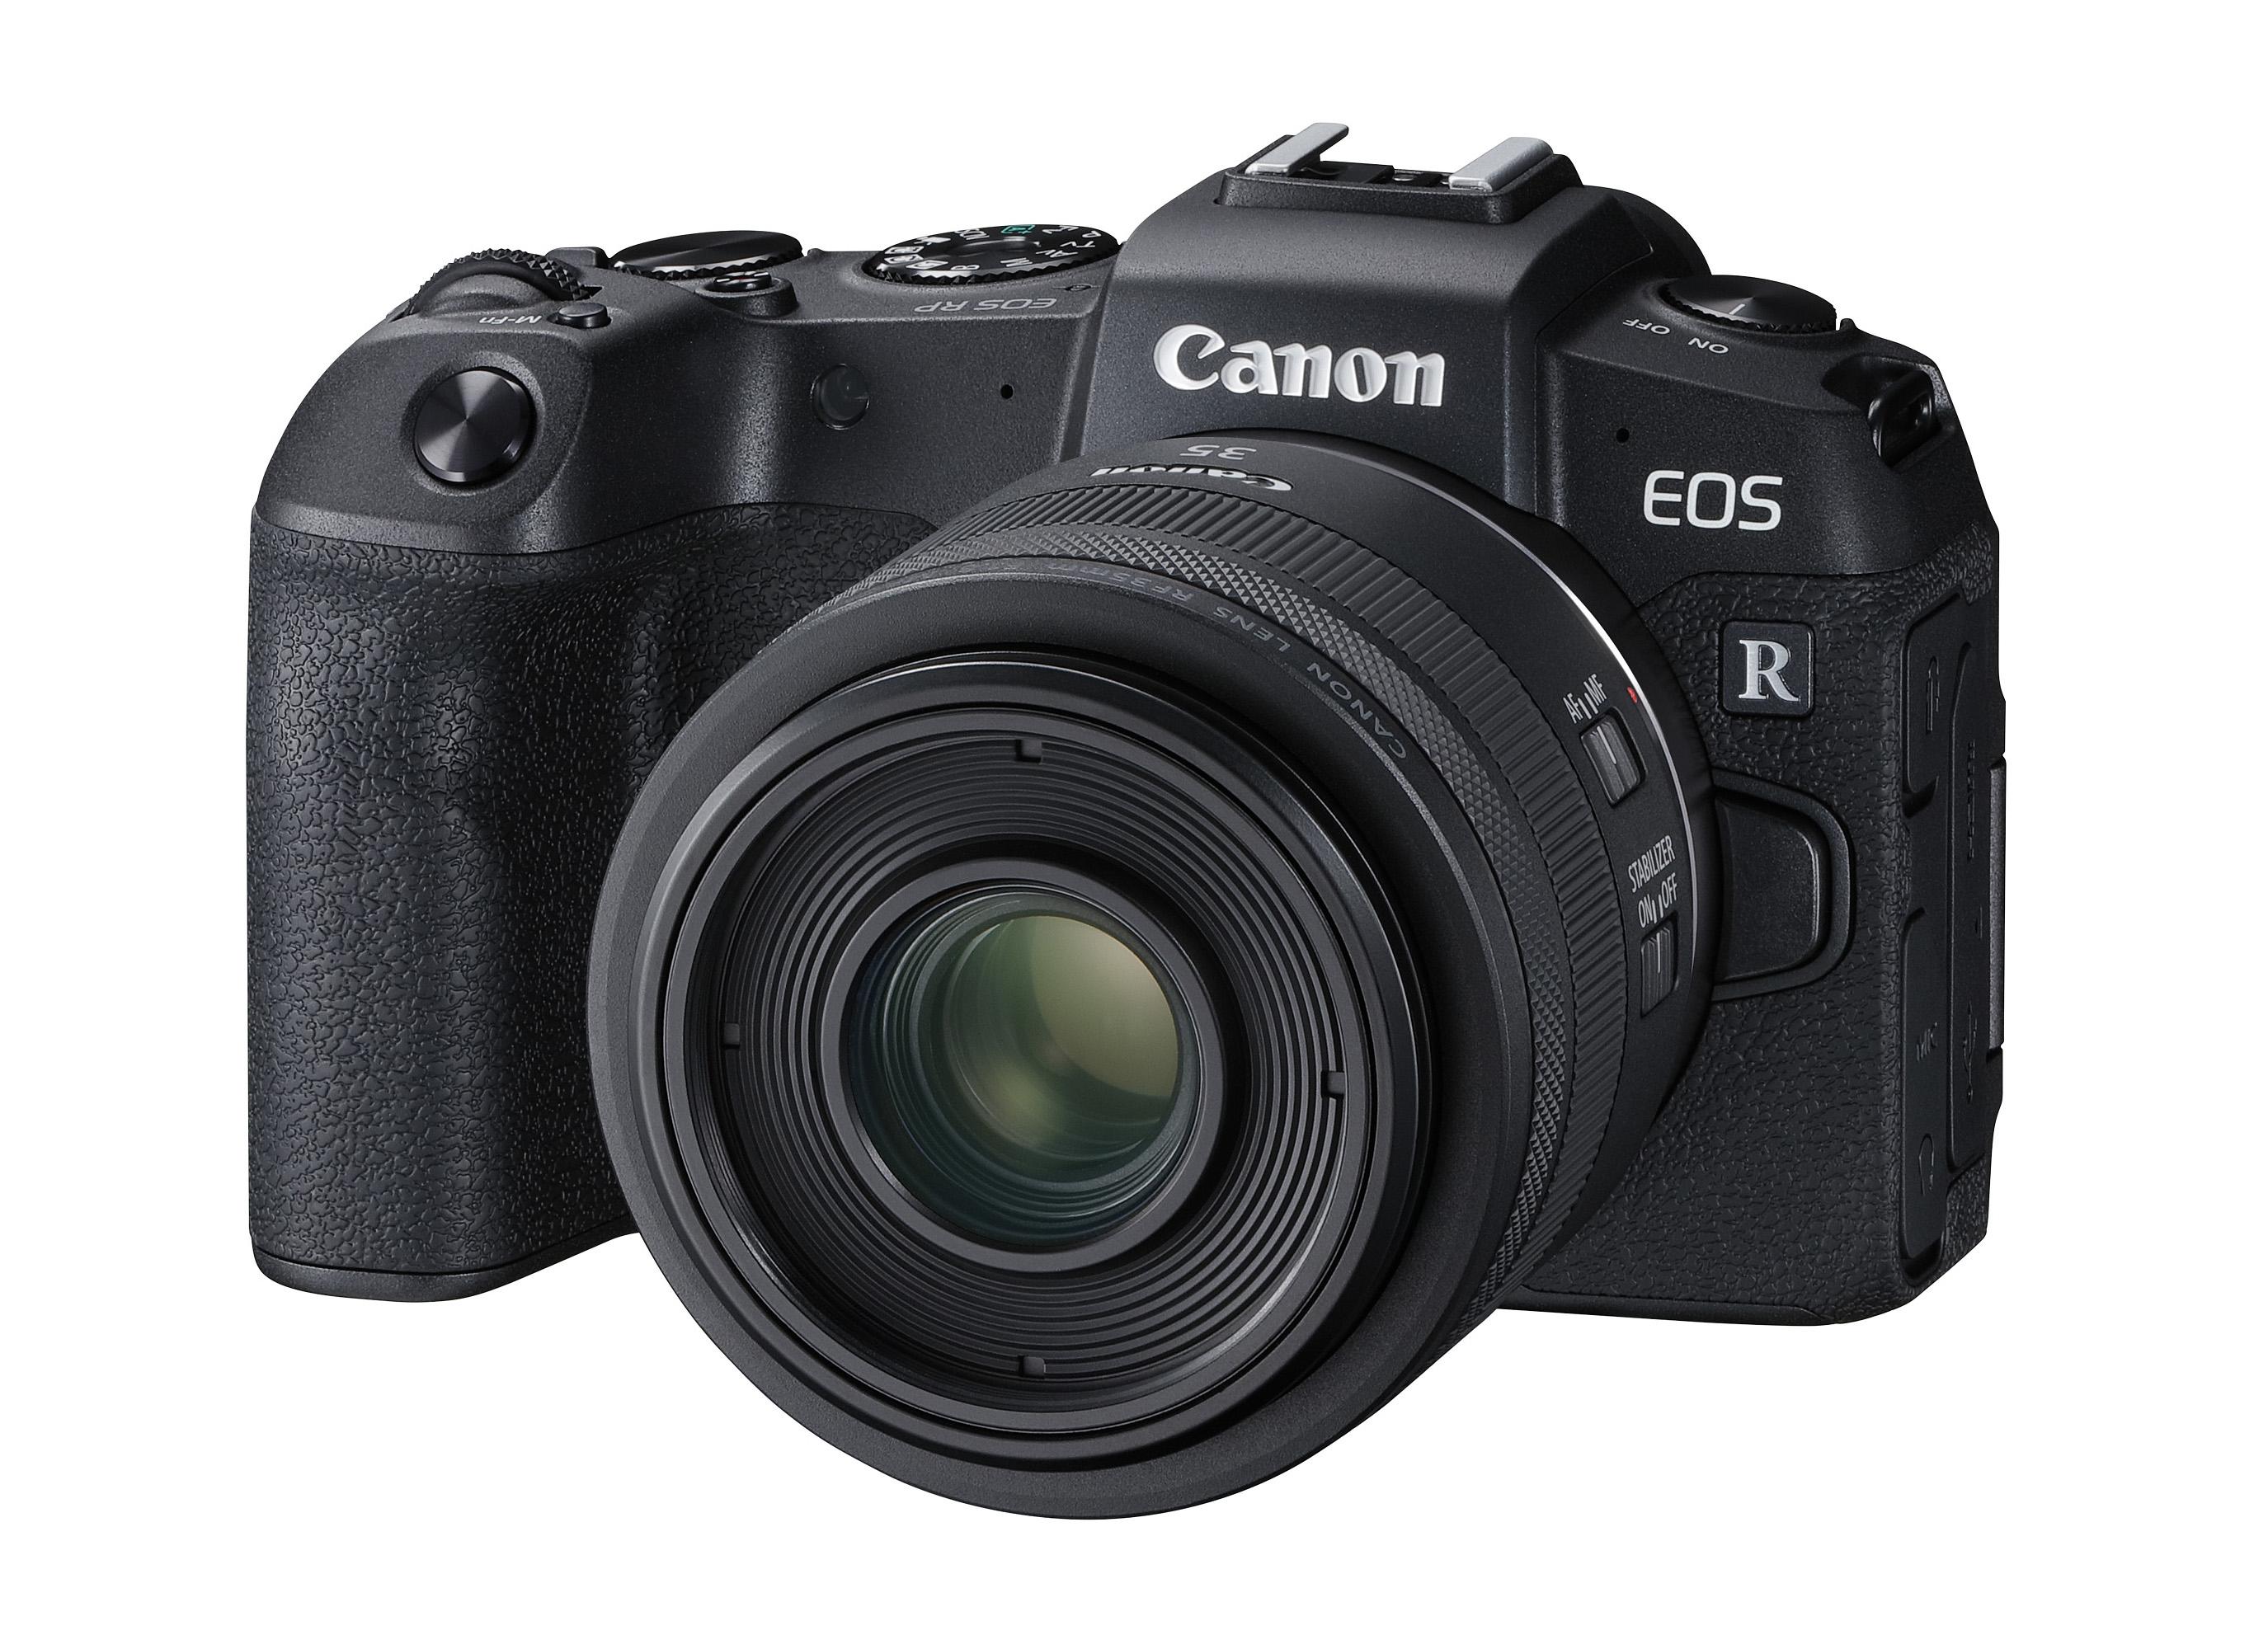 【初心者におすすめ】フルサイズミラーレスカメラEOS RPのスペック